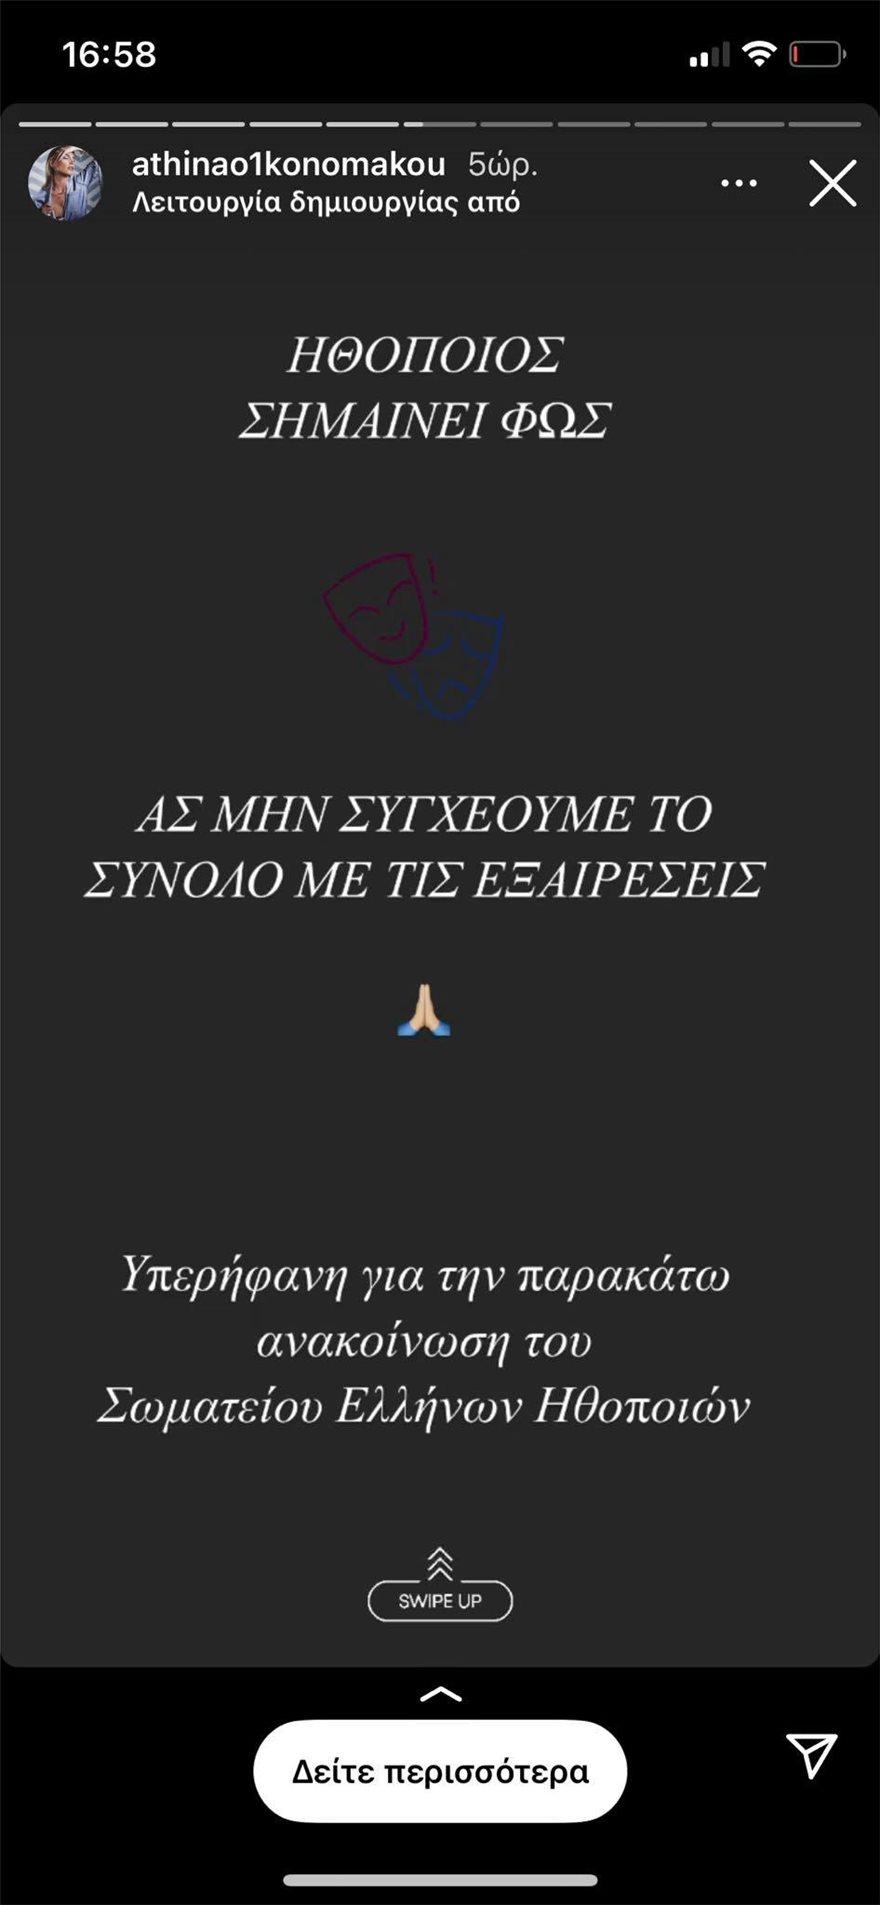 athina_oikonomakou